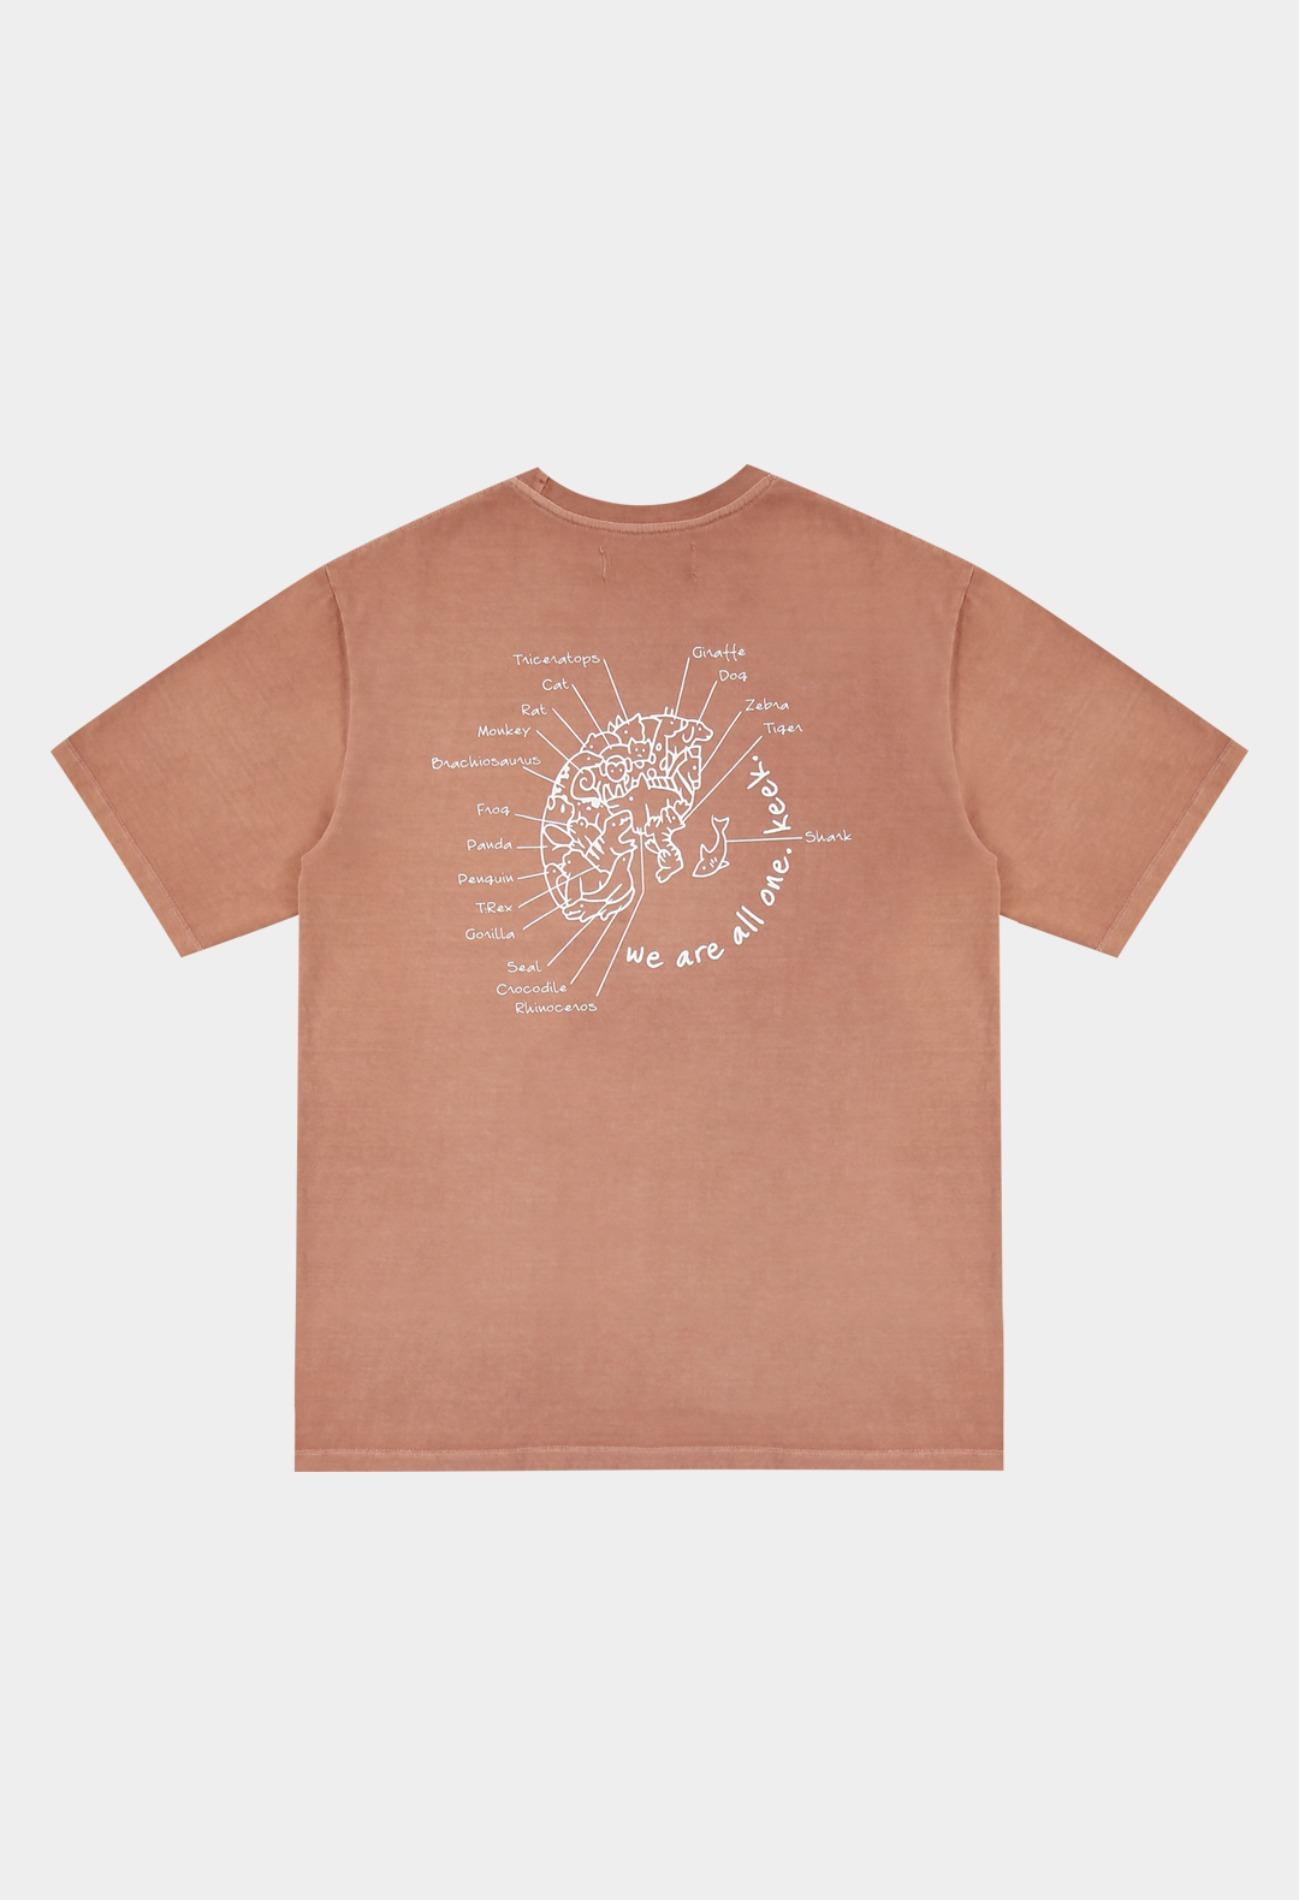 keek Washing Earth T-shirts - Vintage Pink 스트릿패션 유니섹스브랜드 커플시밀러룩 남자쇼핑몰 여성의류쇼핑몰 후드티 힙색